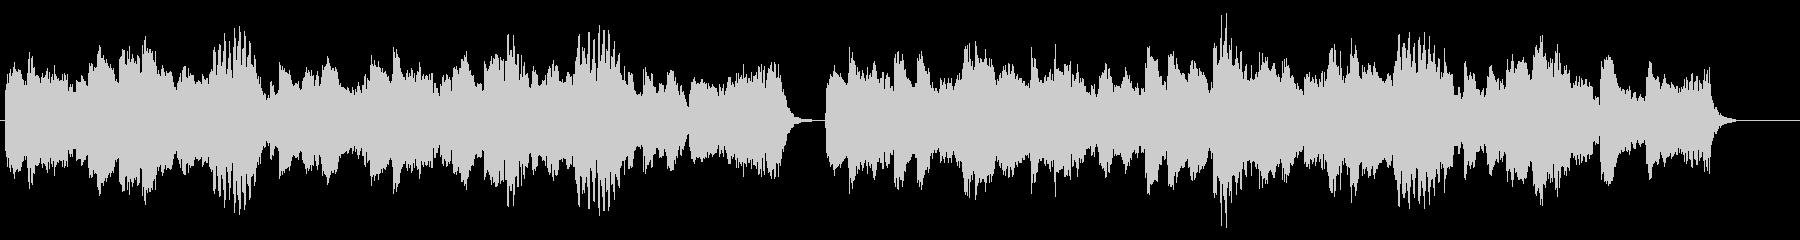 ヴァイオリンとピアノの悲しいメロディーの未再生の波形